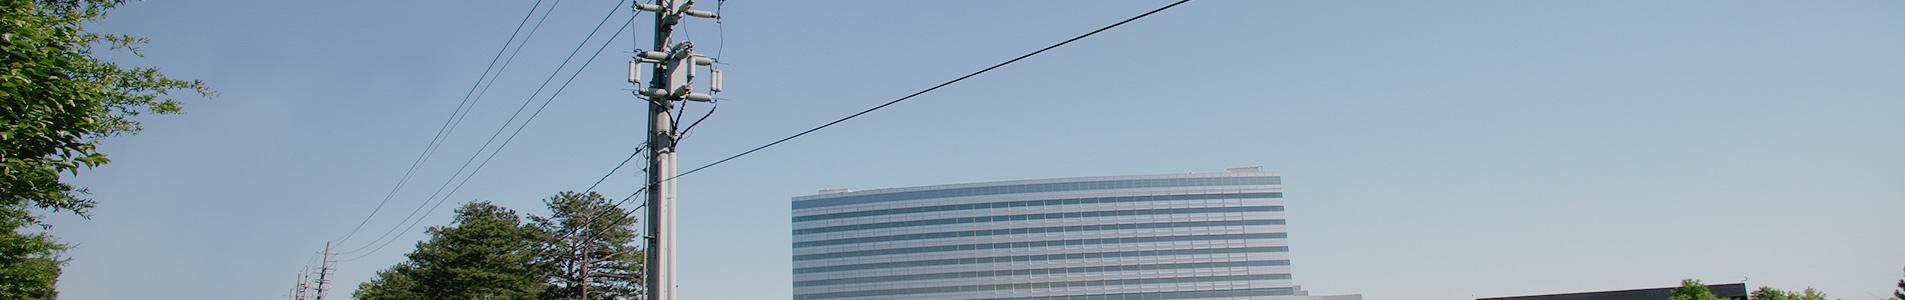 utility monopole along city